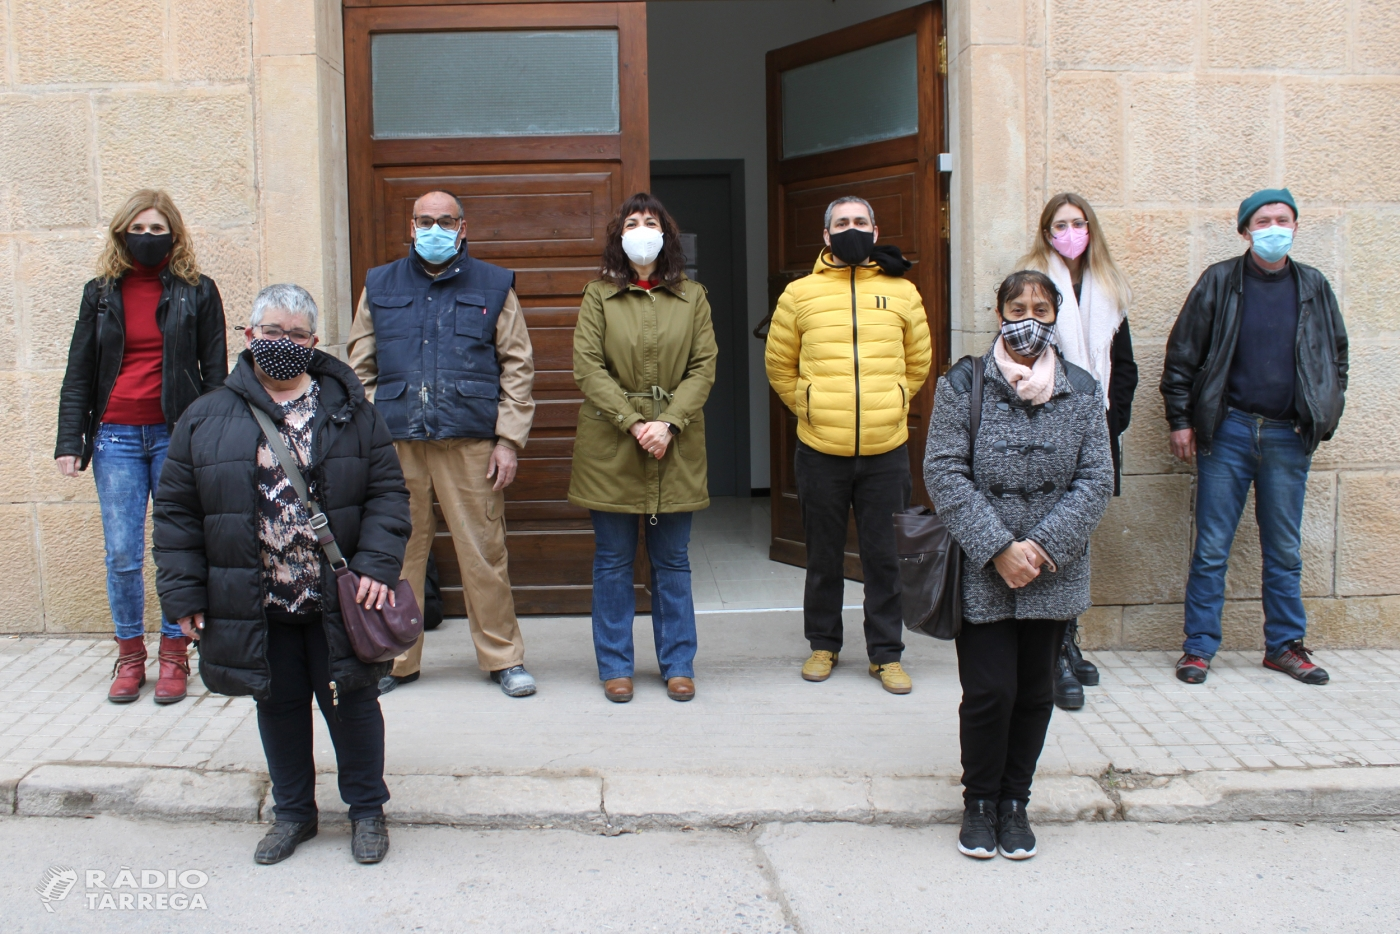 L'Ajuntament de Tàrrega contracta sis persones en situació d'atur en el marc del programa 'Treball i Formació'